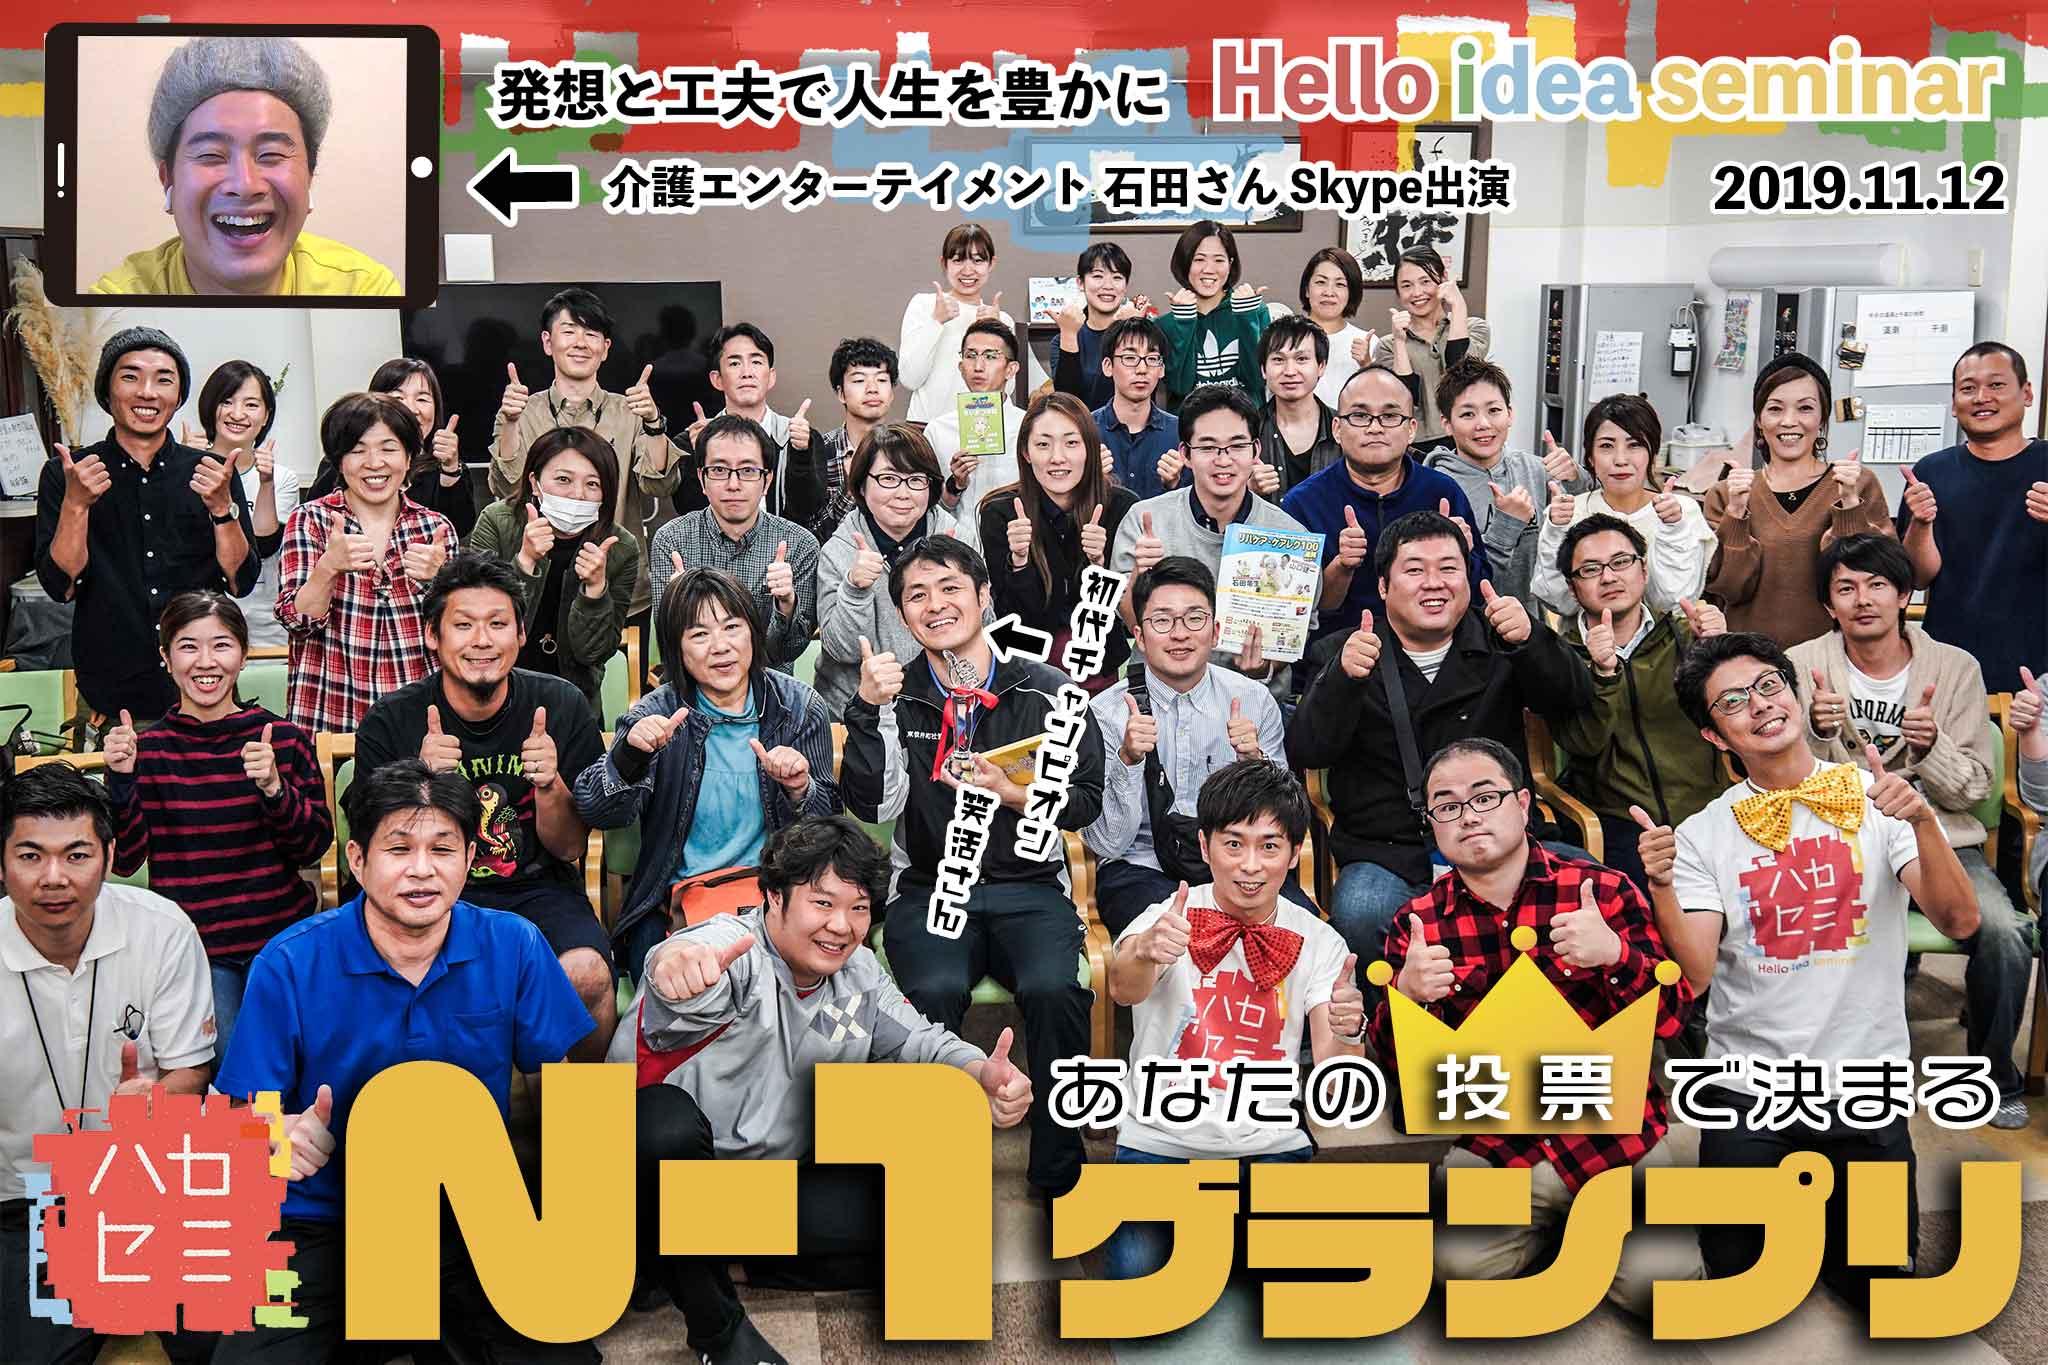 N-1-Grand-Prix-group-photo